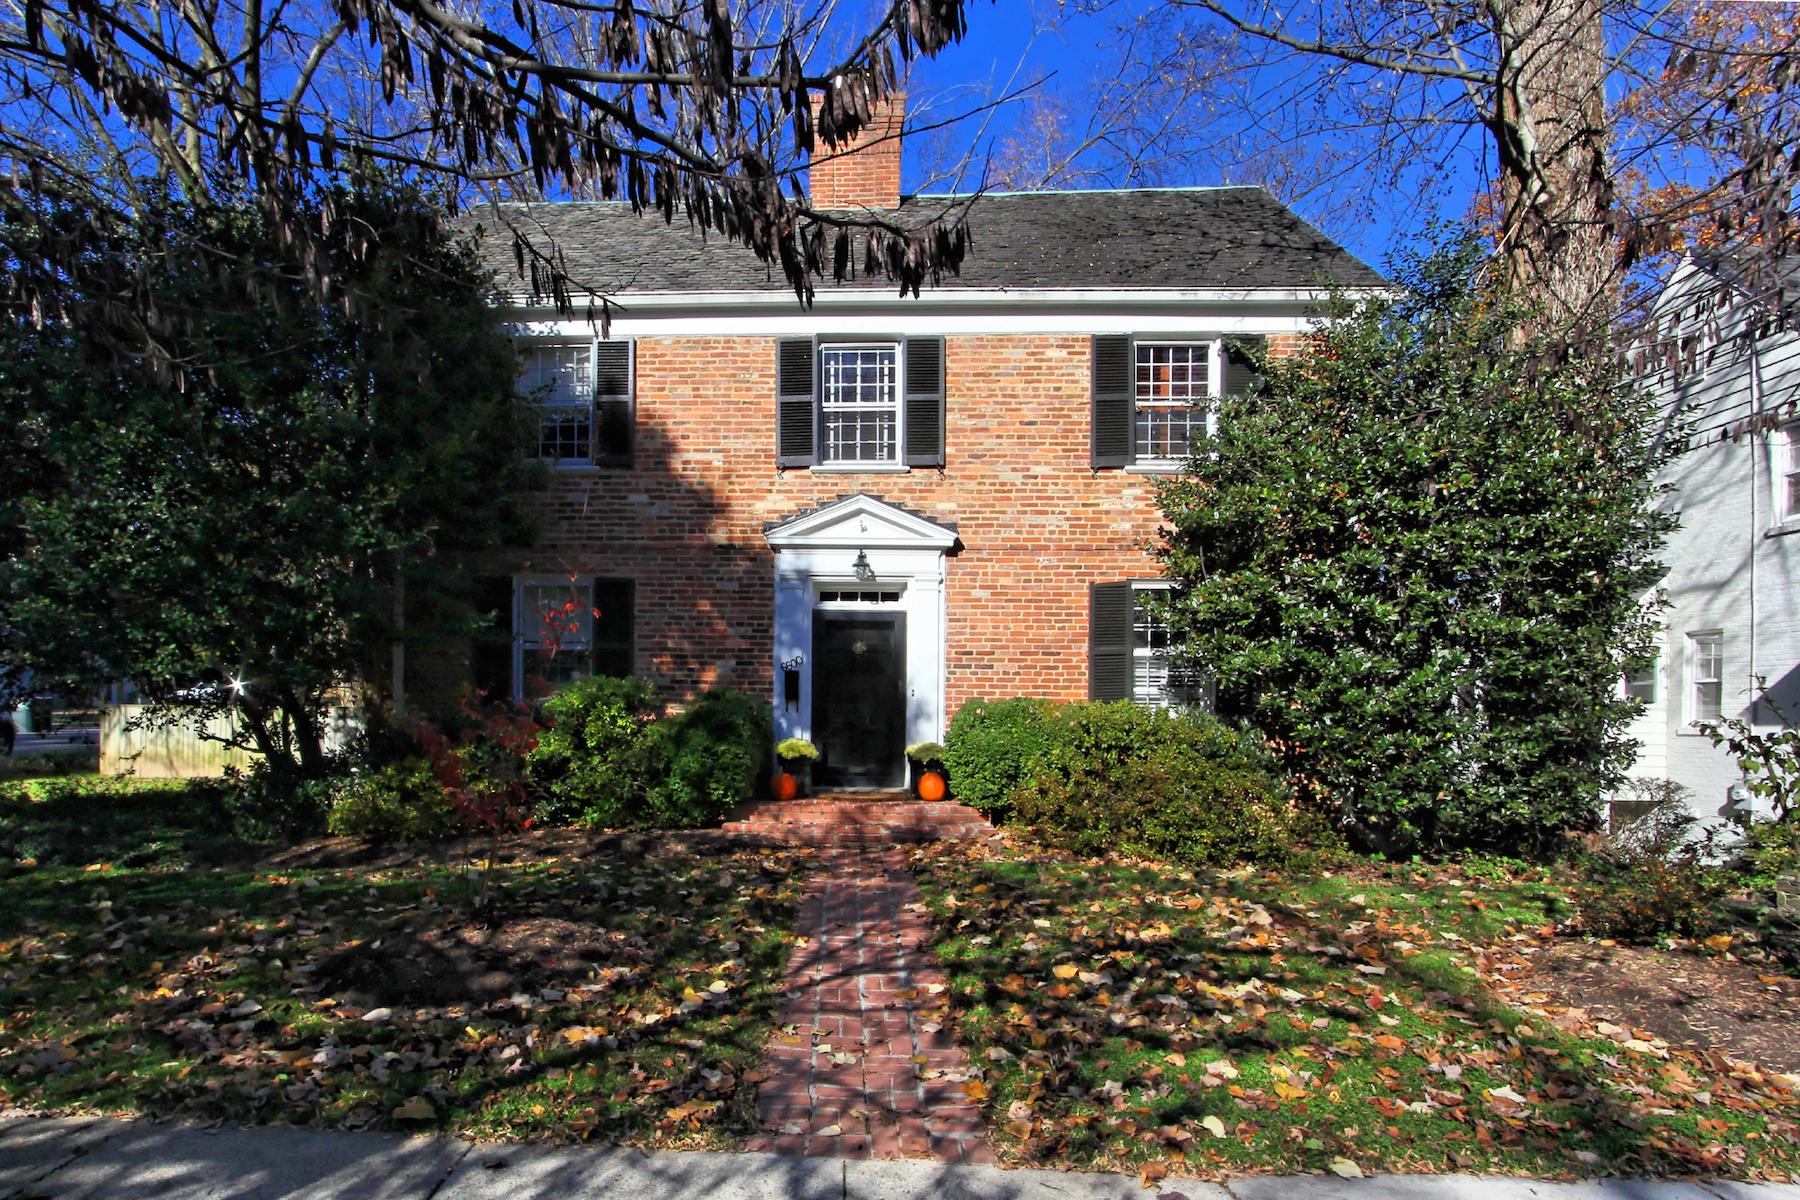 Nhà ở một gia đình vì Bán tại Chevy Chase - DC 6600 32nd Place Nw Washington, District Of Columbia 20015 Hoa Kỳ